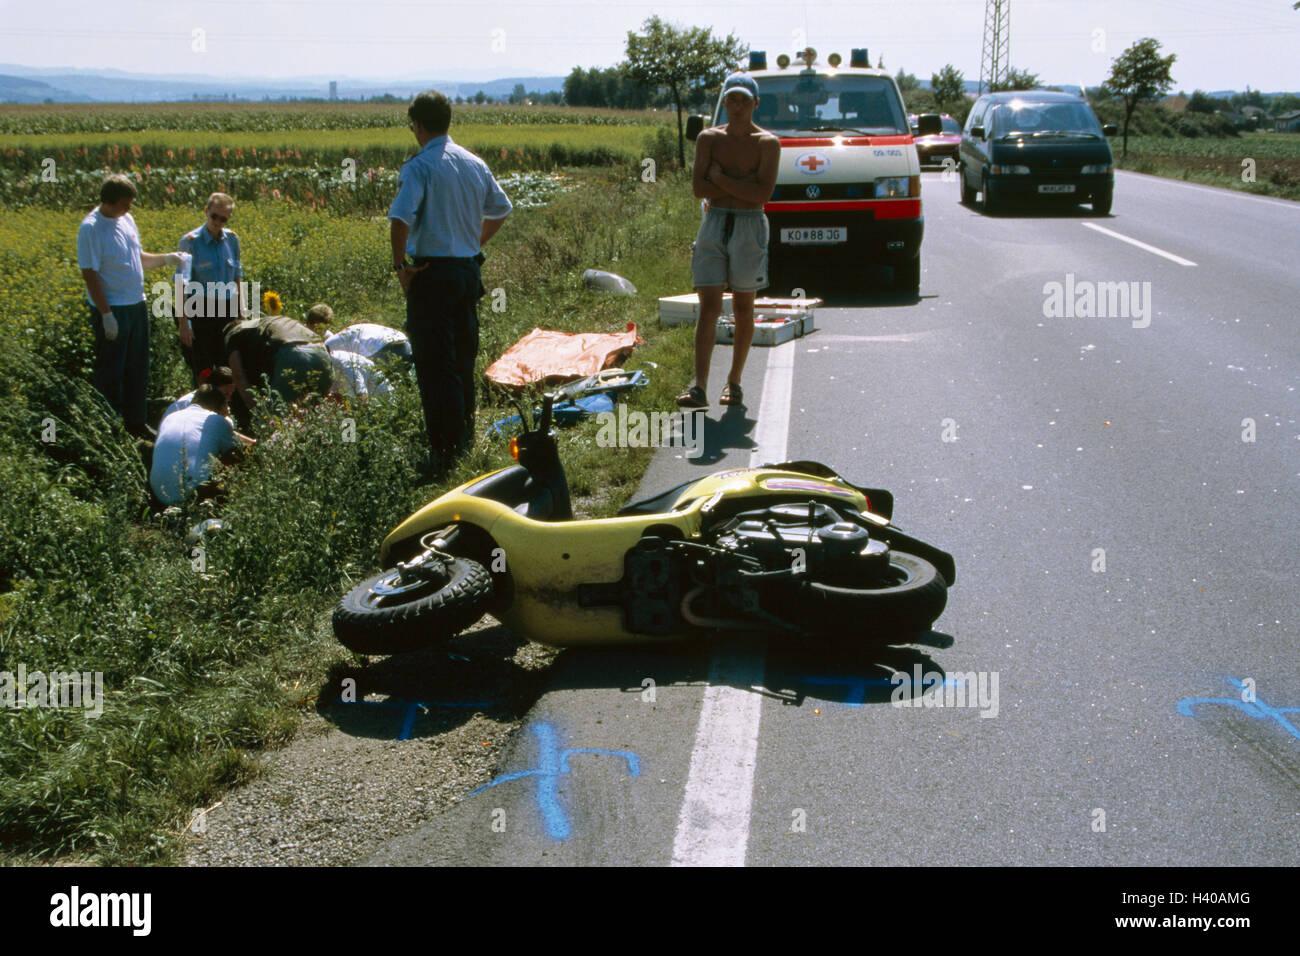 Verkehrsunfall, am Straßenrand Graben, verletzte Person, Notarzt ...